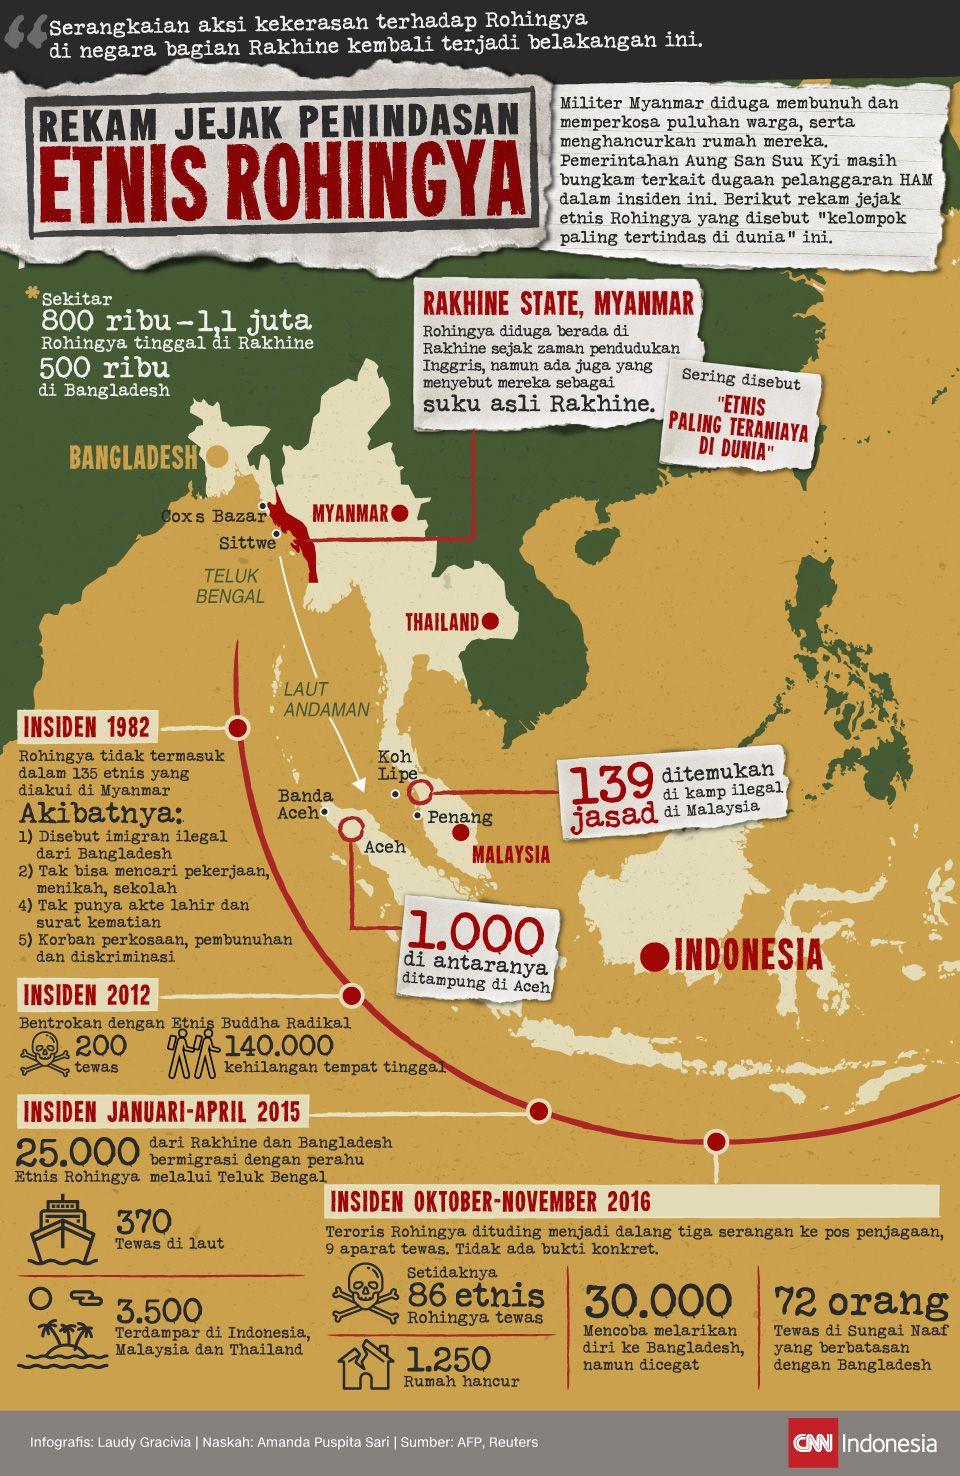 Infografis Rekam Jejak Penindasan Etnis Rohingya